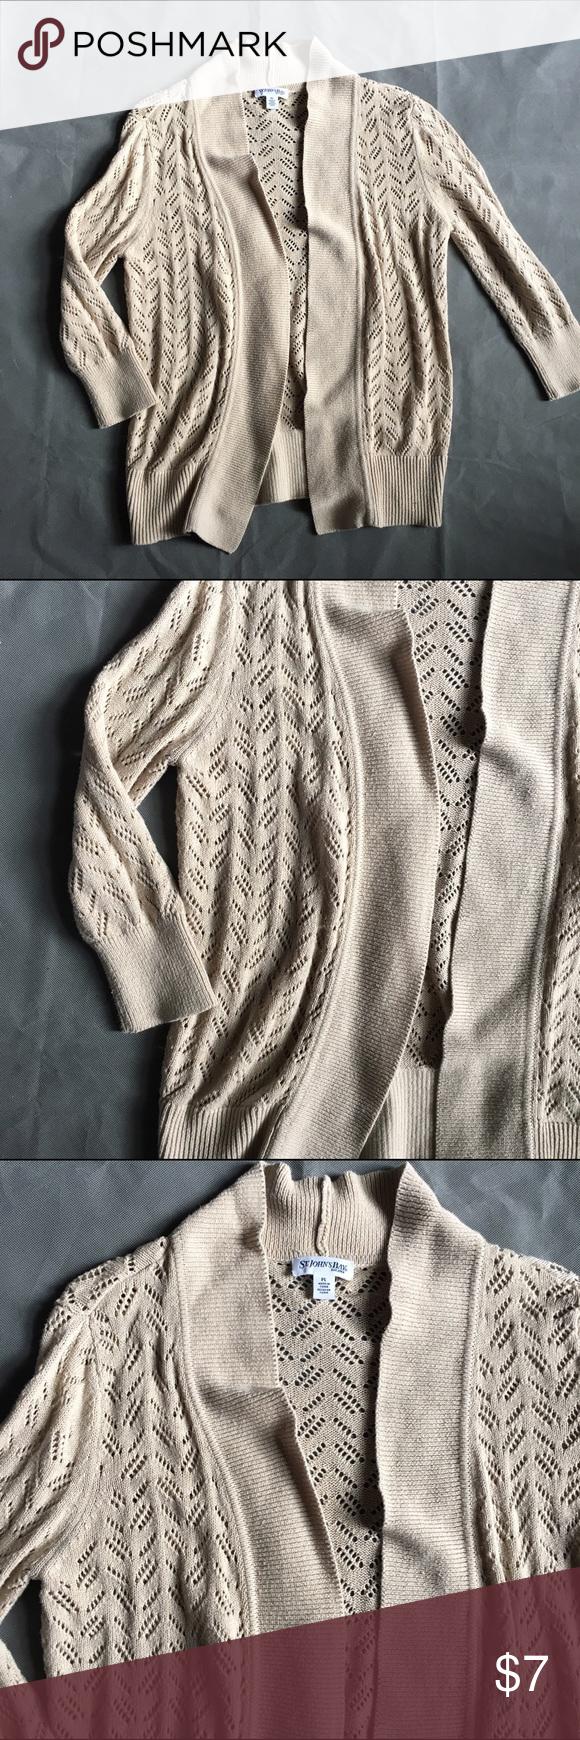 St Johns Bay Petite Large Shrug Sweater Tan | Shrug sweater ...